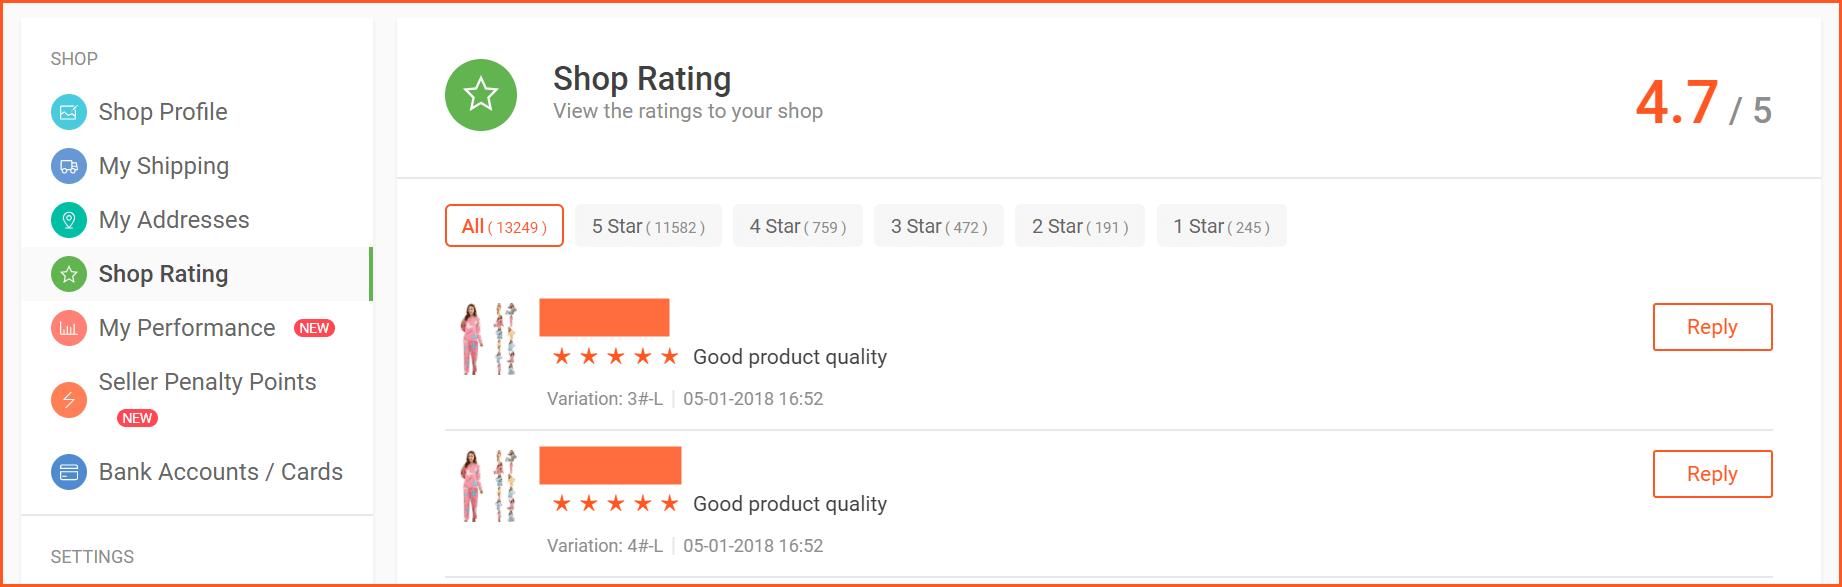 Shopee虾皮店铺完成订单后如何评价及遇到恶意差评的处理办法-虾皮路